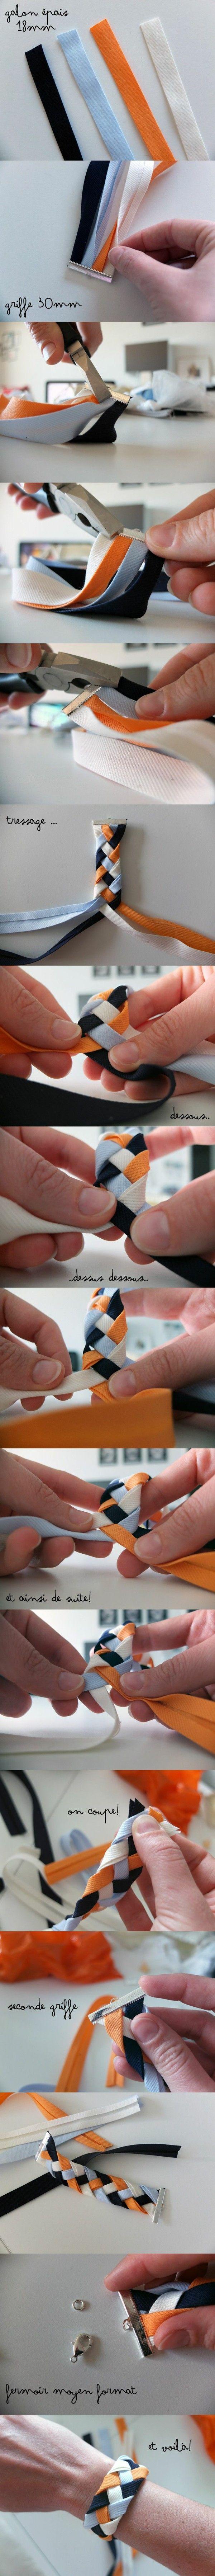 Make a bracelet